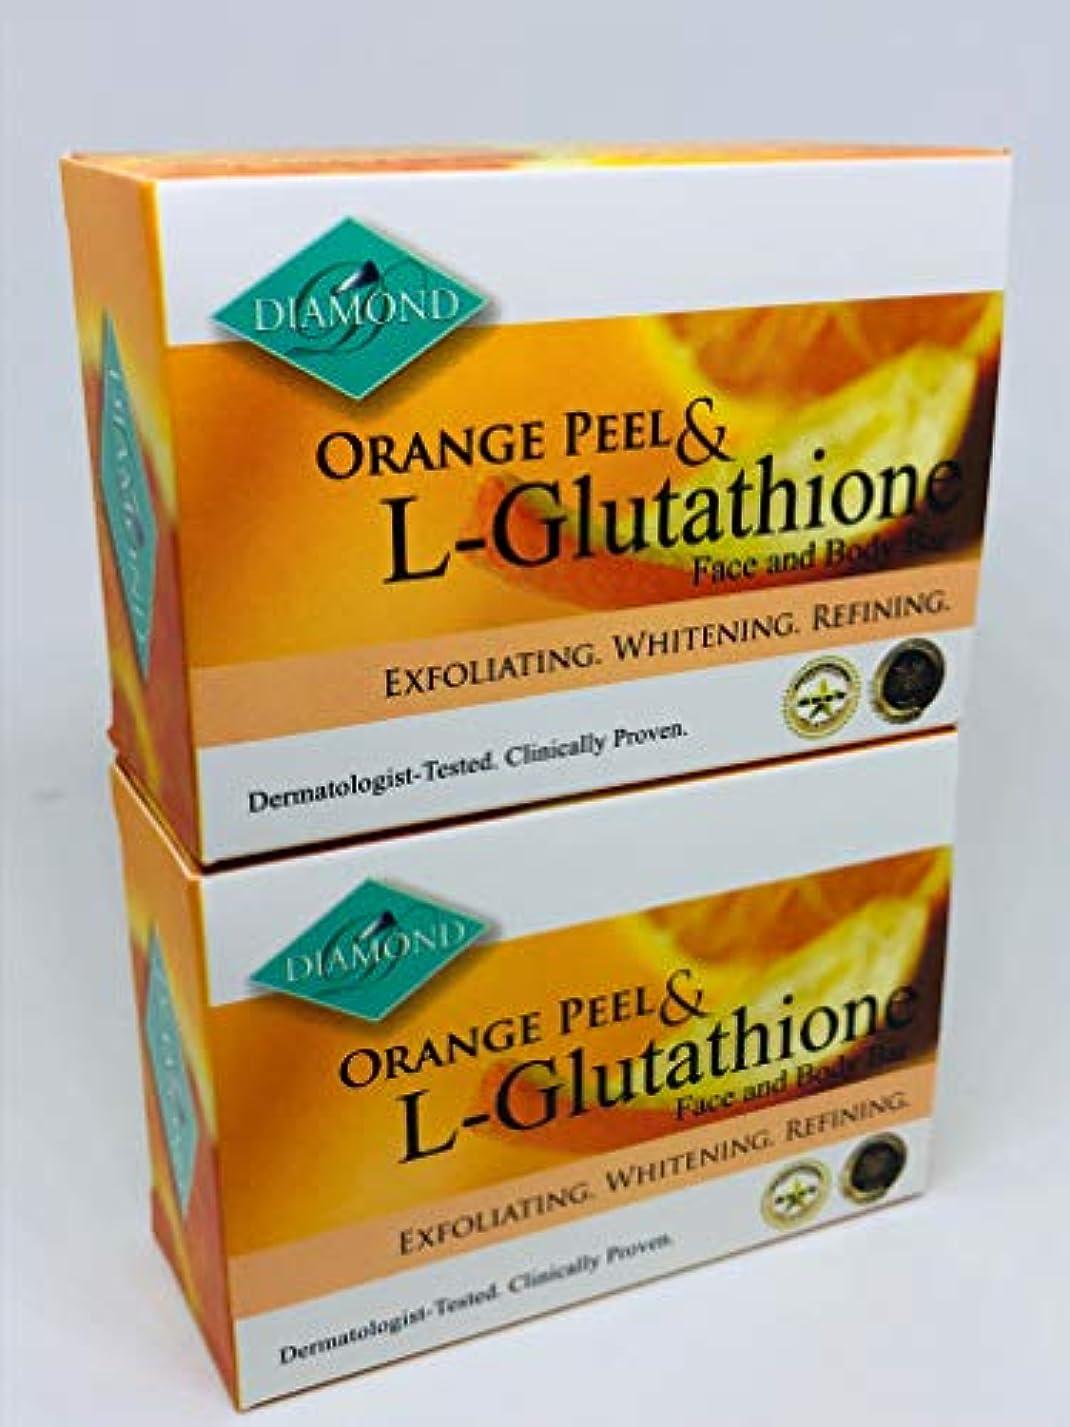 バレル溶接退屈なDIAMOND ORANGE PEEL&Glutathione soap/オレンジピール&グルタチオン配合ソープ(美容石けん) 150g×2個 正規輸入品